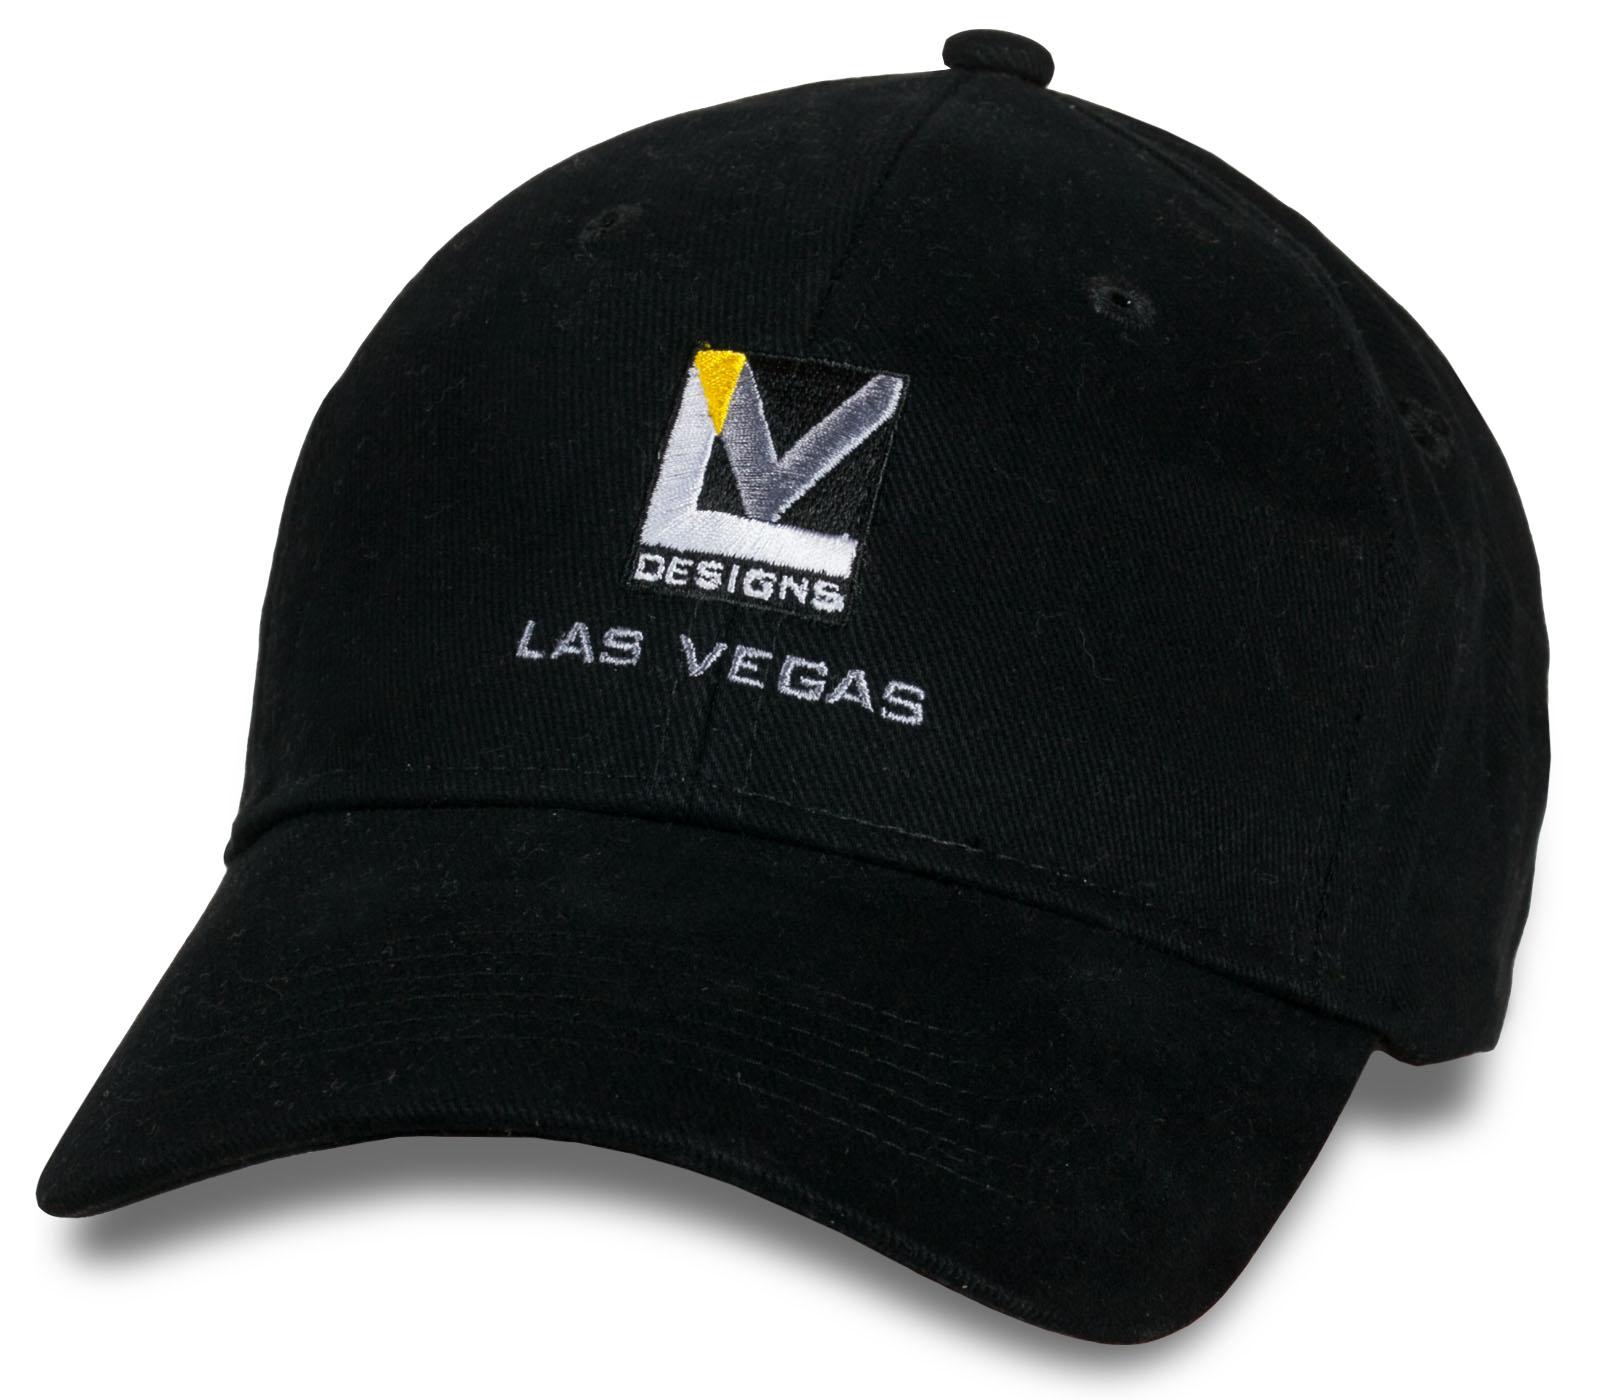 Черная мужская кепка Design Las Vegas.